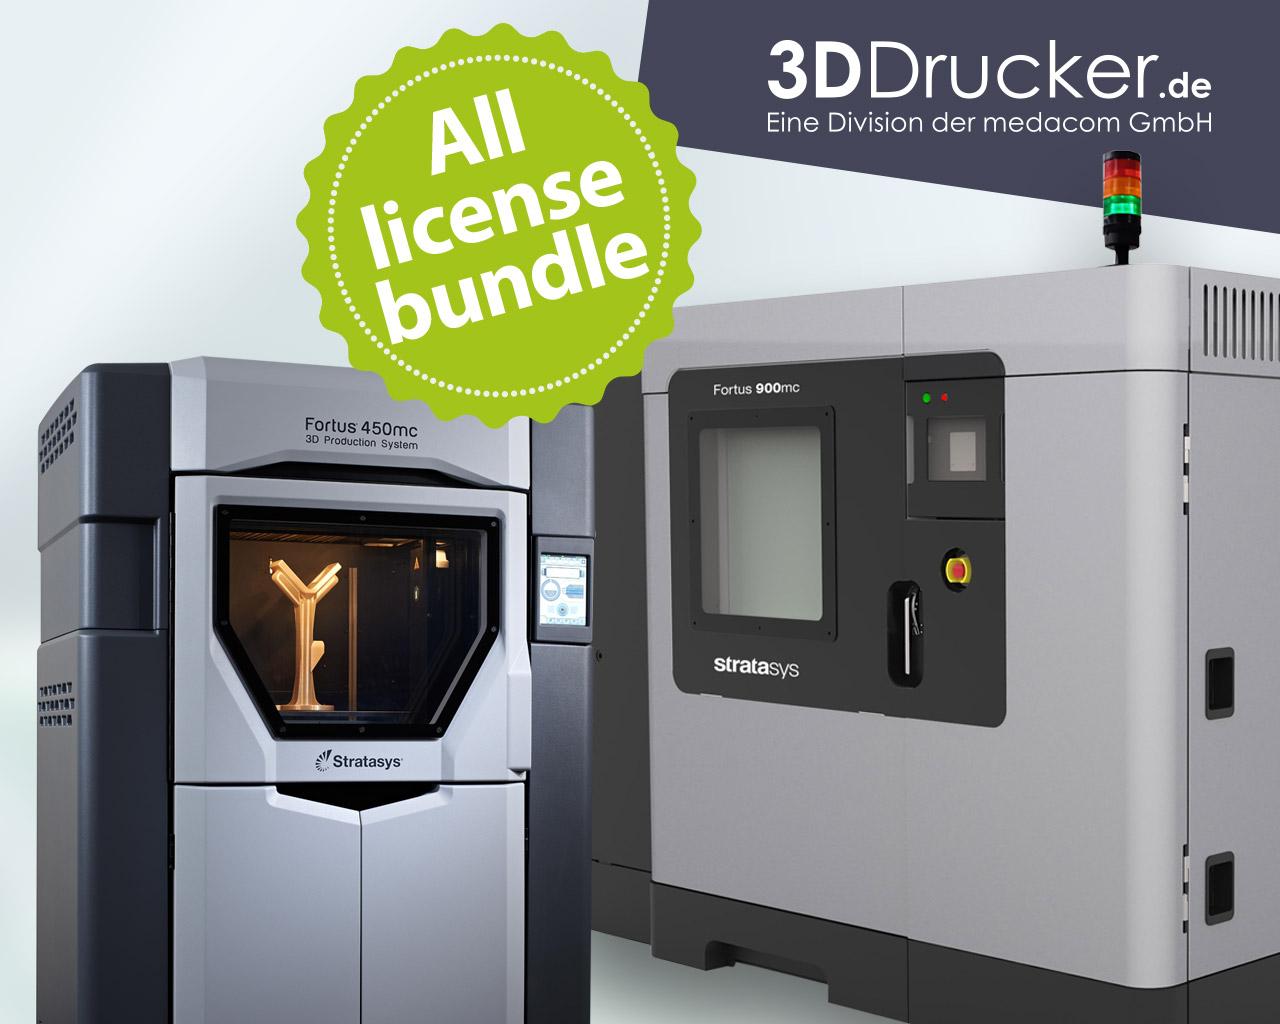 3D Druck Angebot | All license bundle